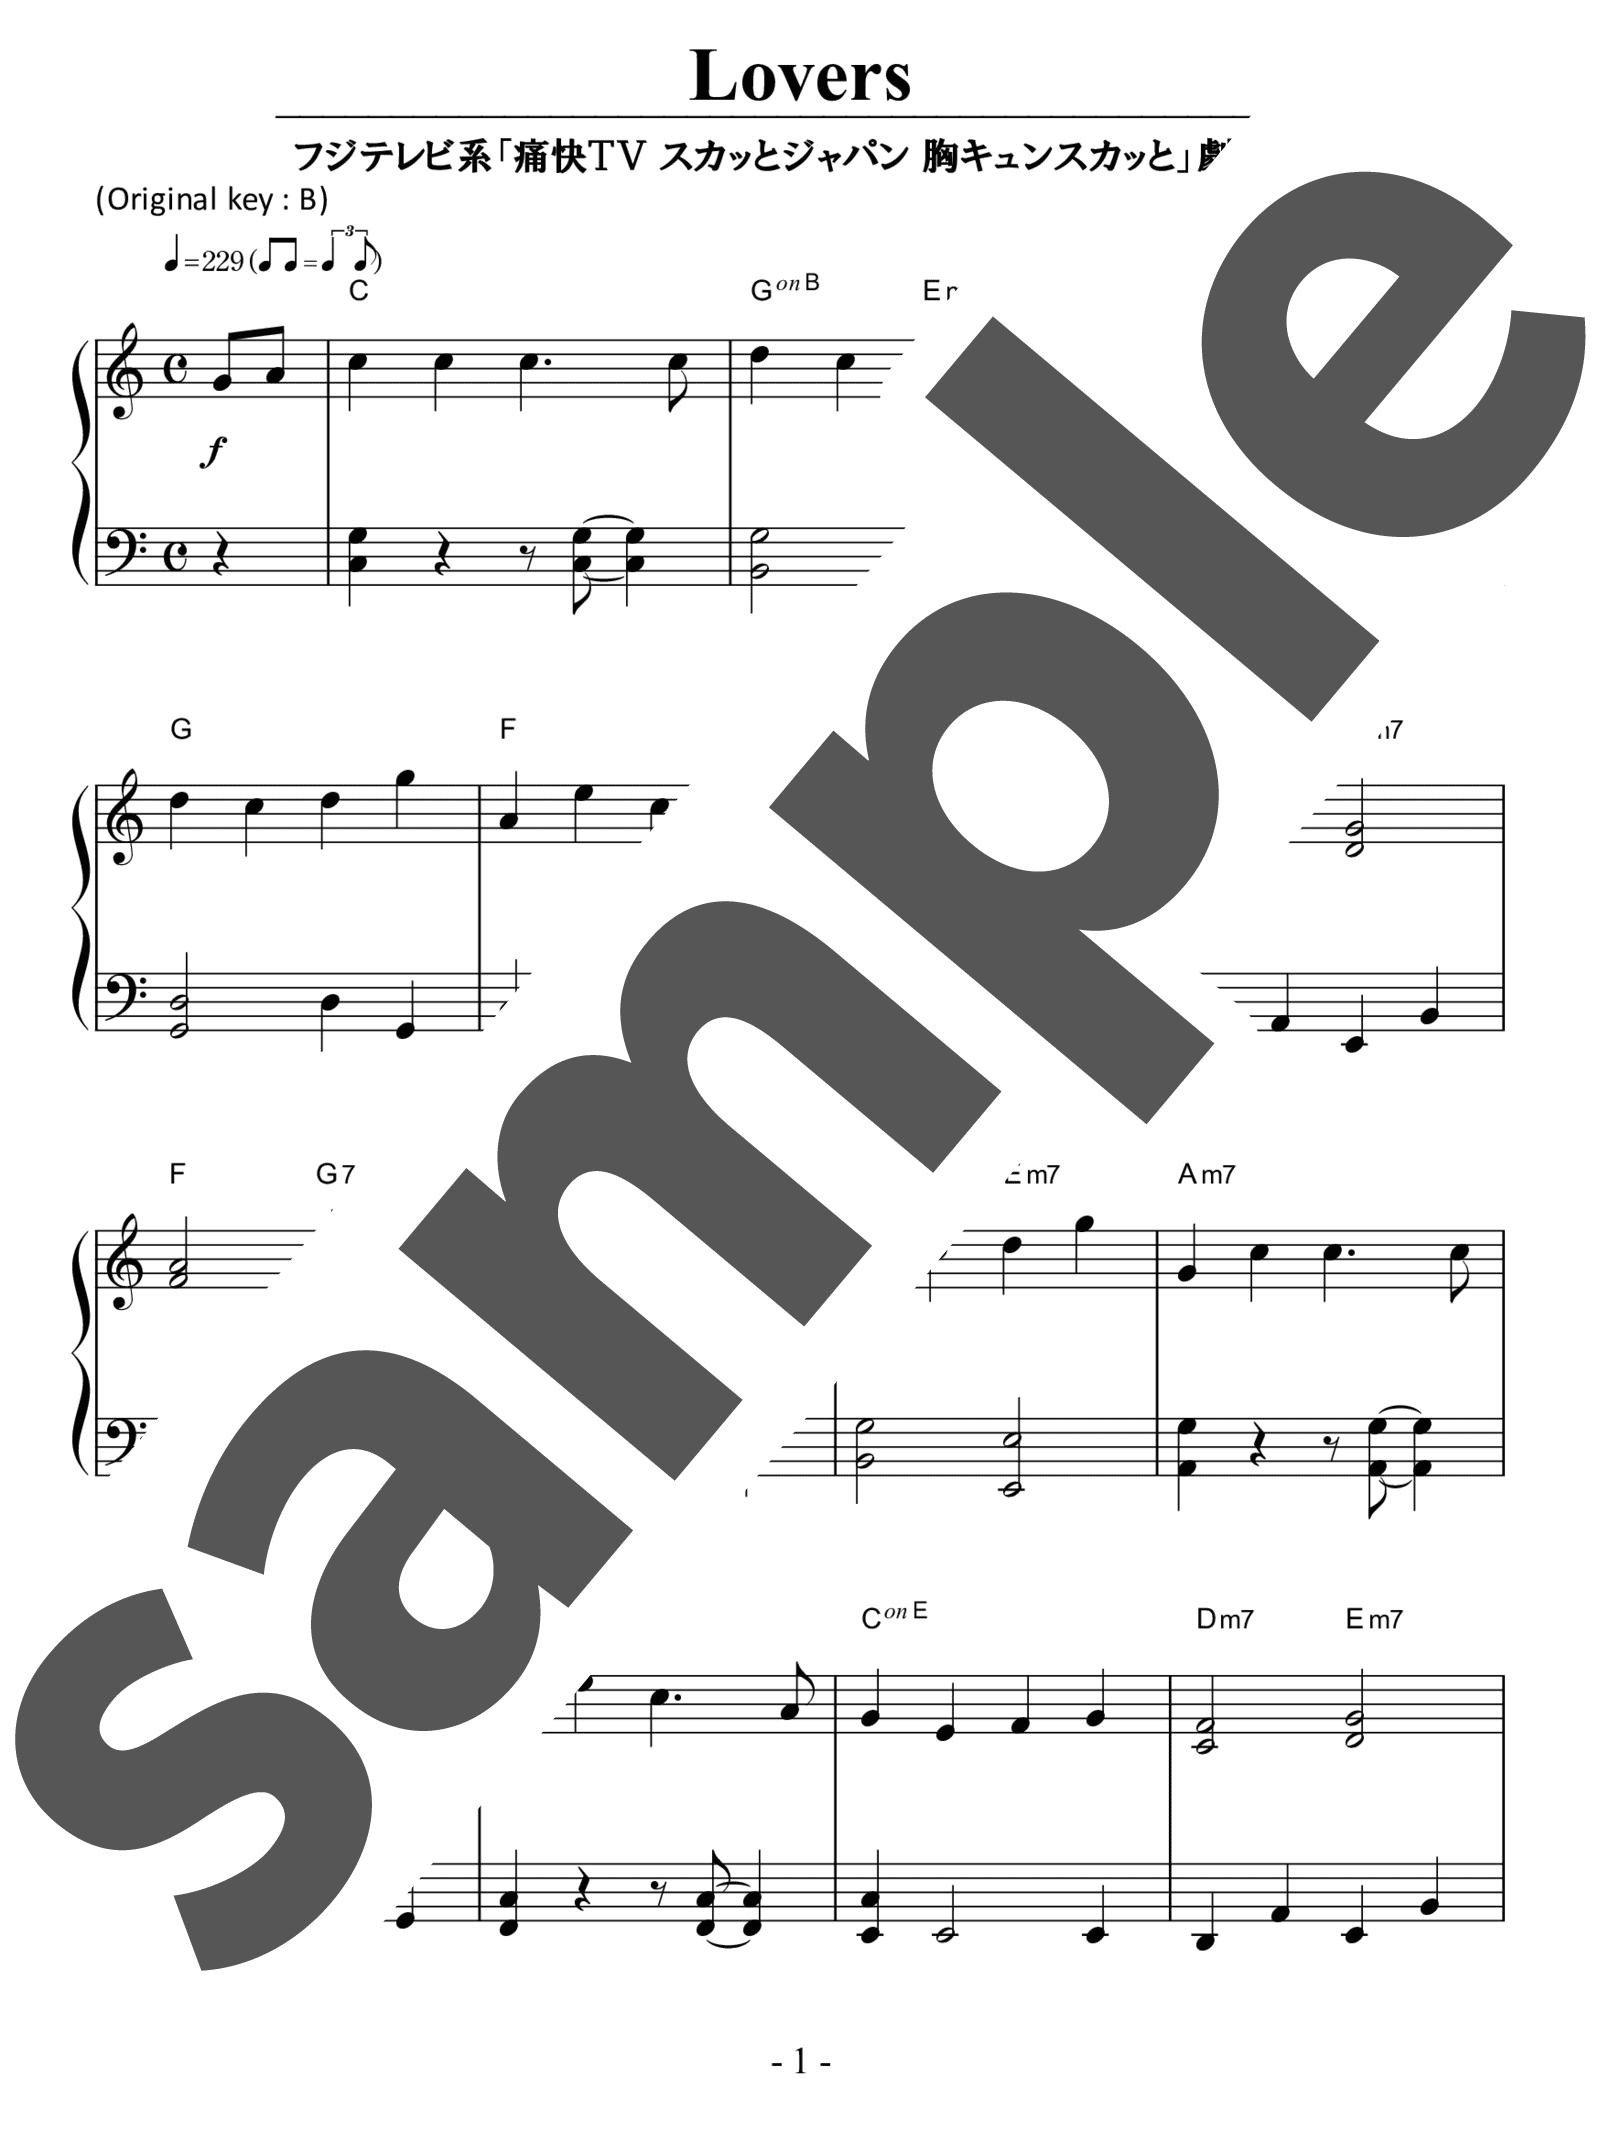 「Lovers」のサンプル楽譜